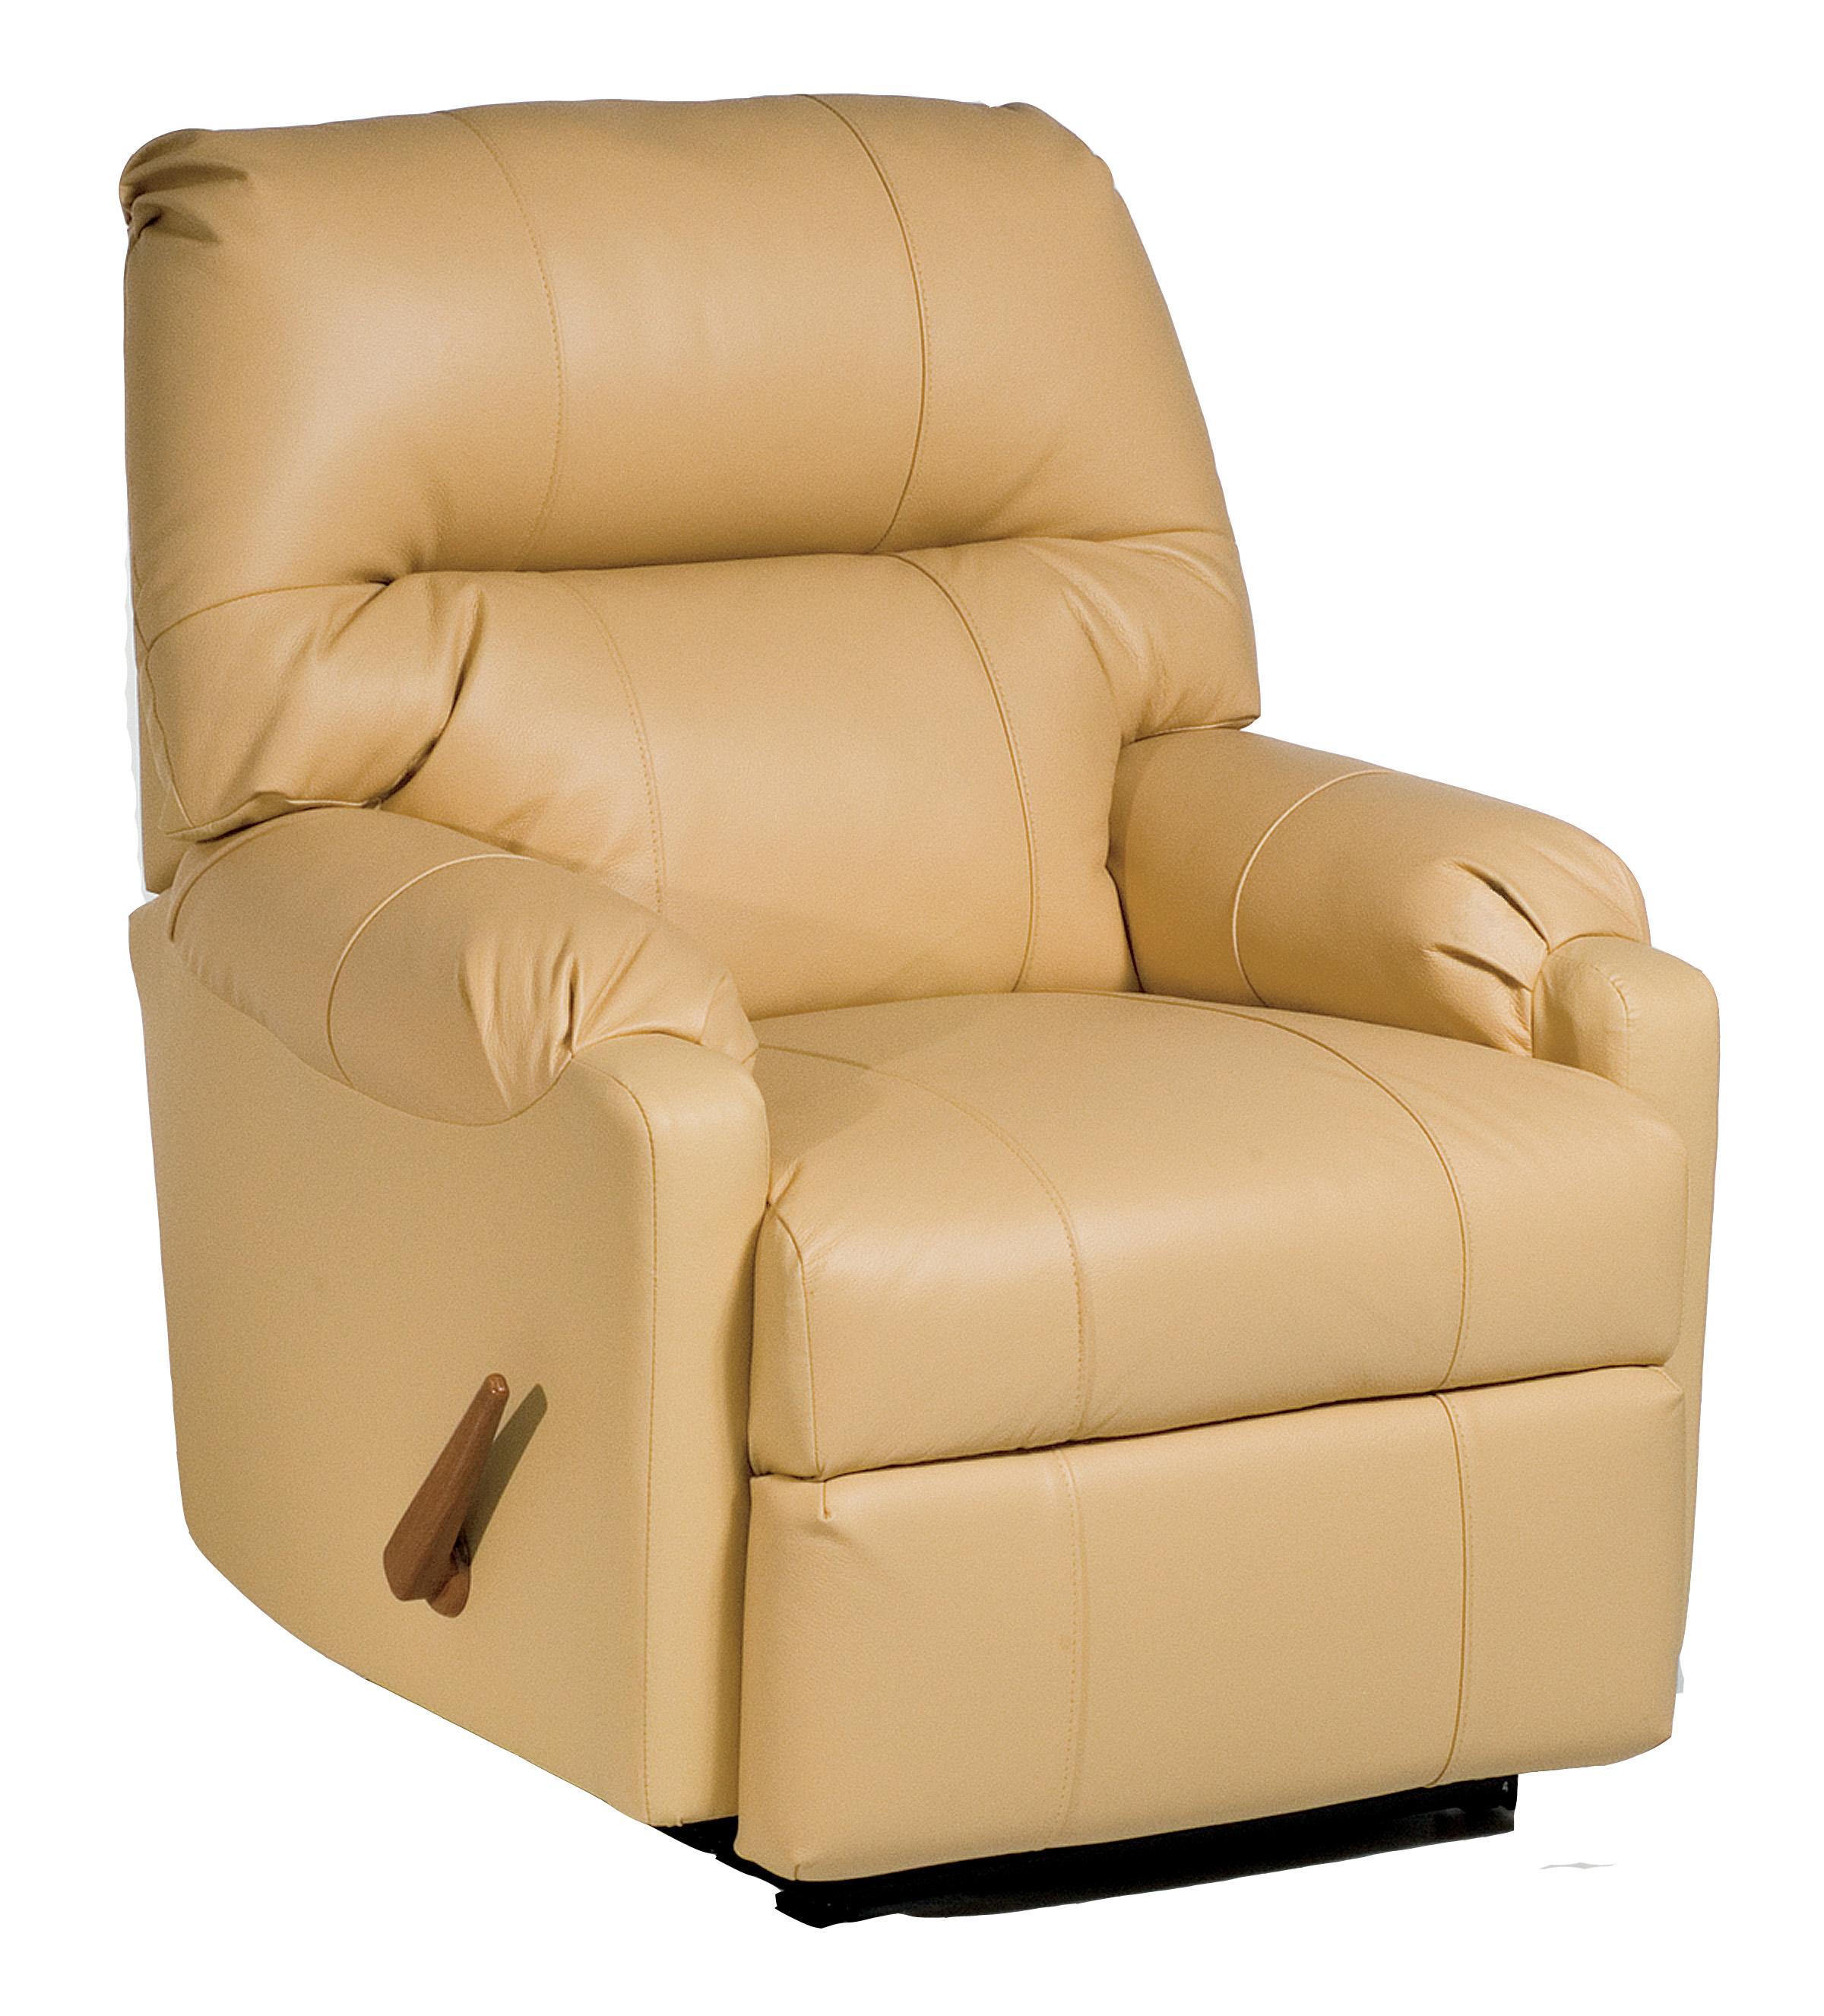 Best home furnishings jojo swivel rocker recliner for Best furniture for home